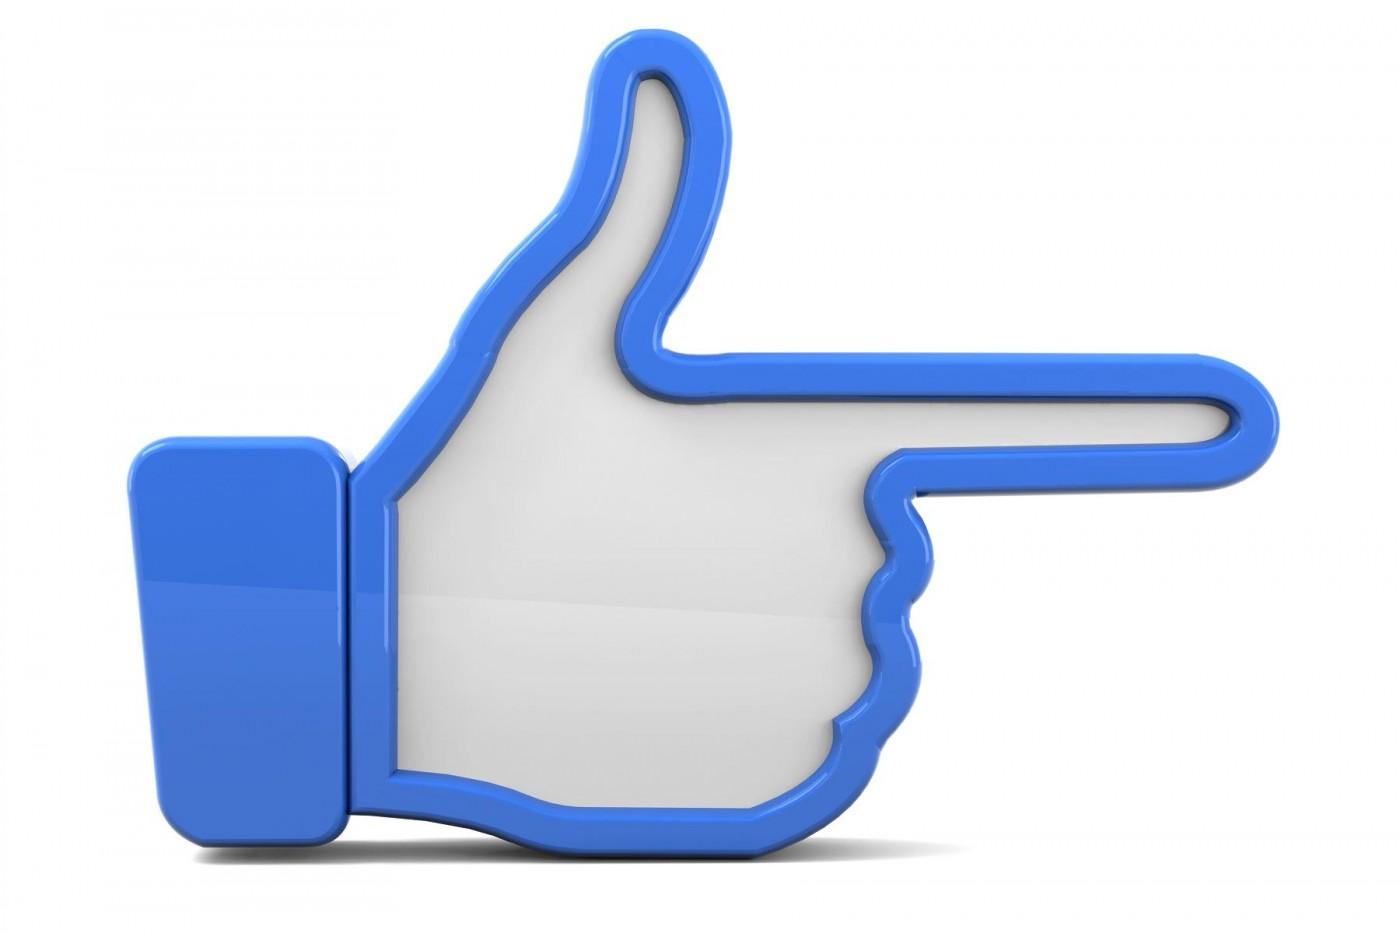 小編注意!Facebook上濫用「讚」、「tag人」、「分享」將被懲罰降低觸及